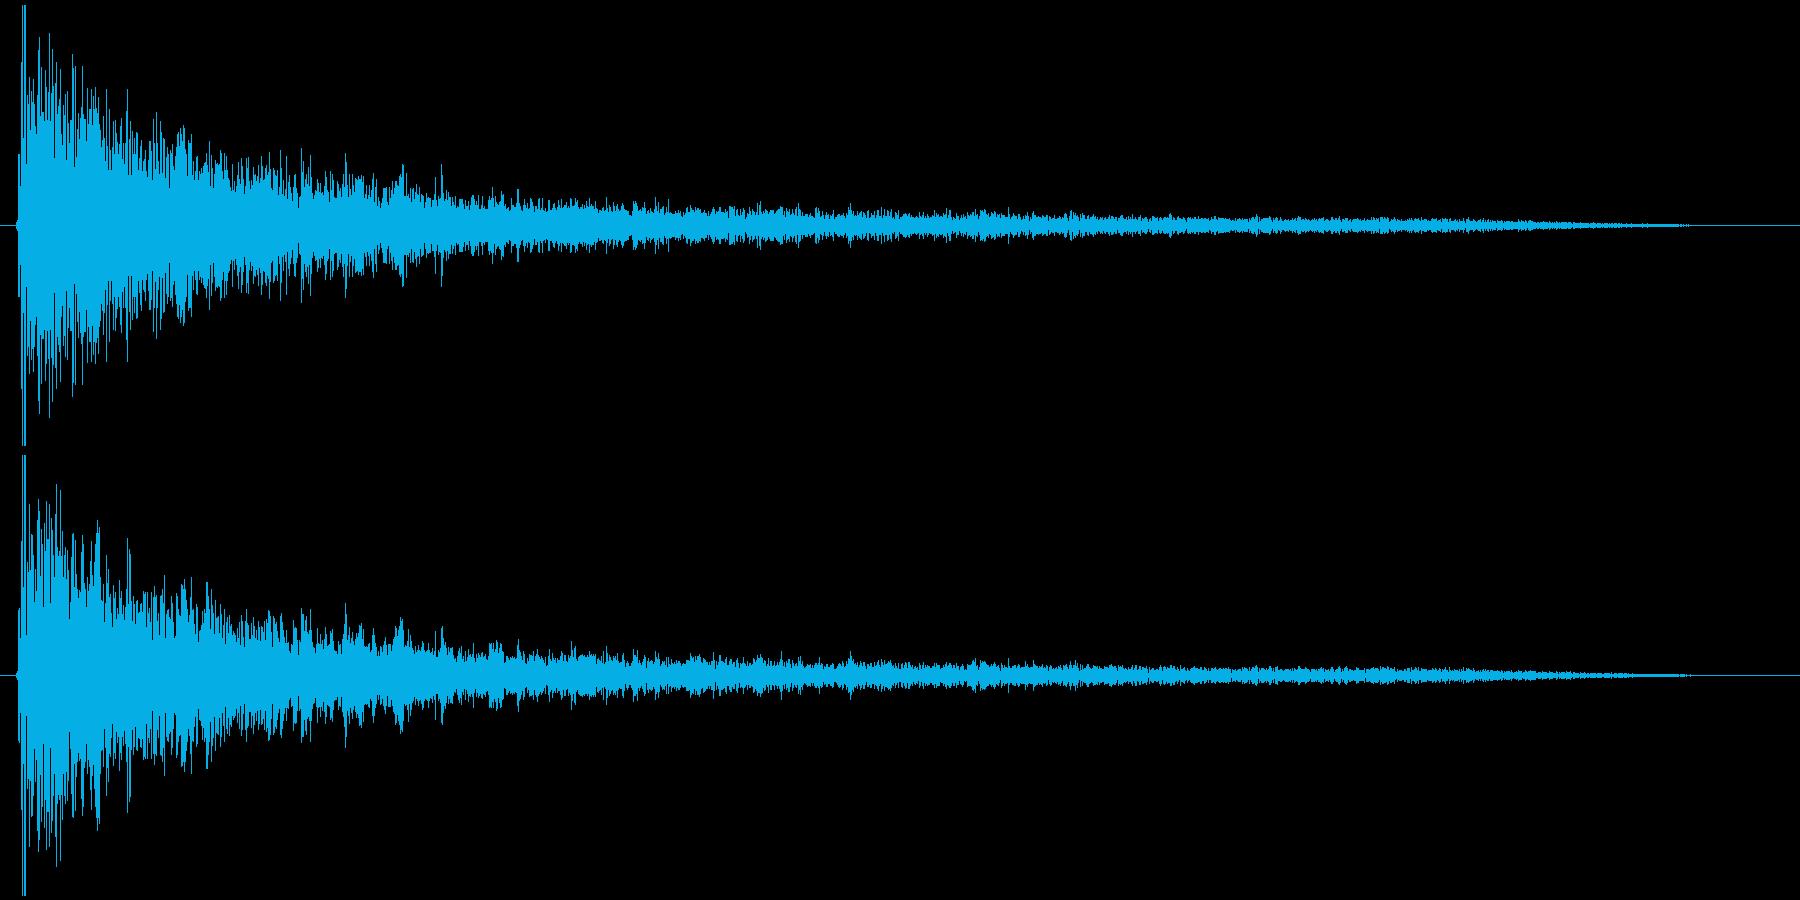 【ゲーム】ヒット_11 ボワーンッッ・・の再生済みの波形